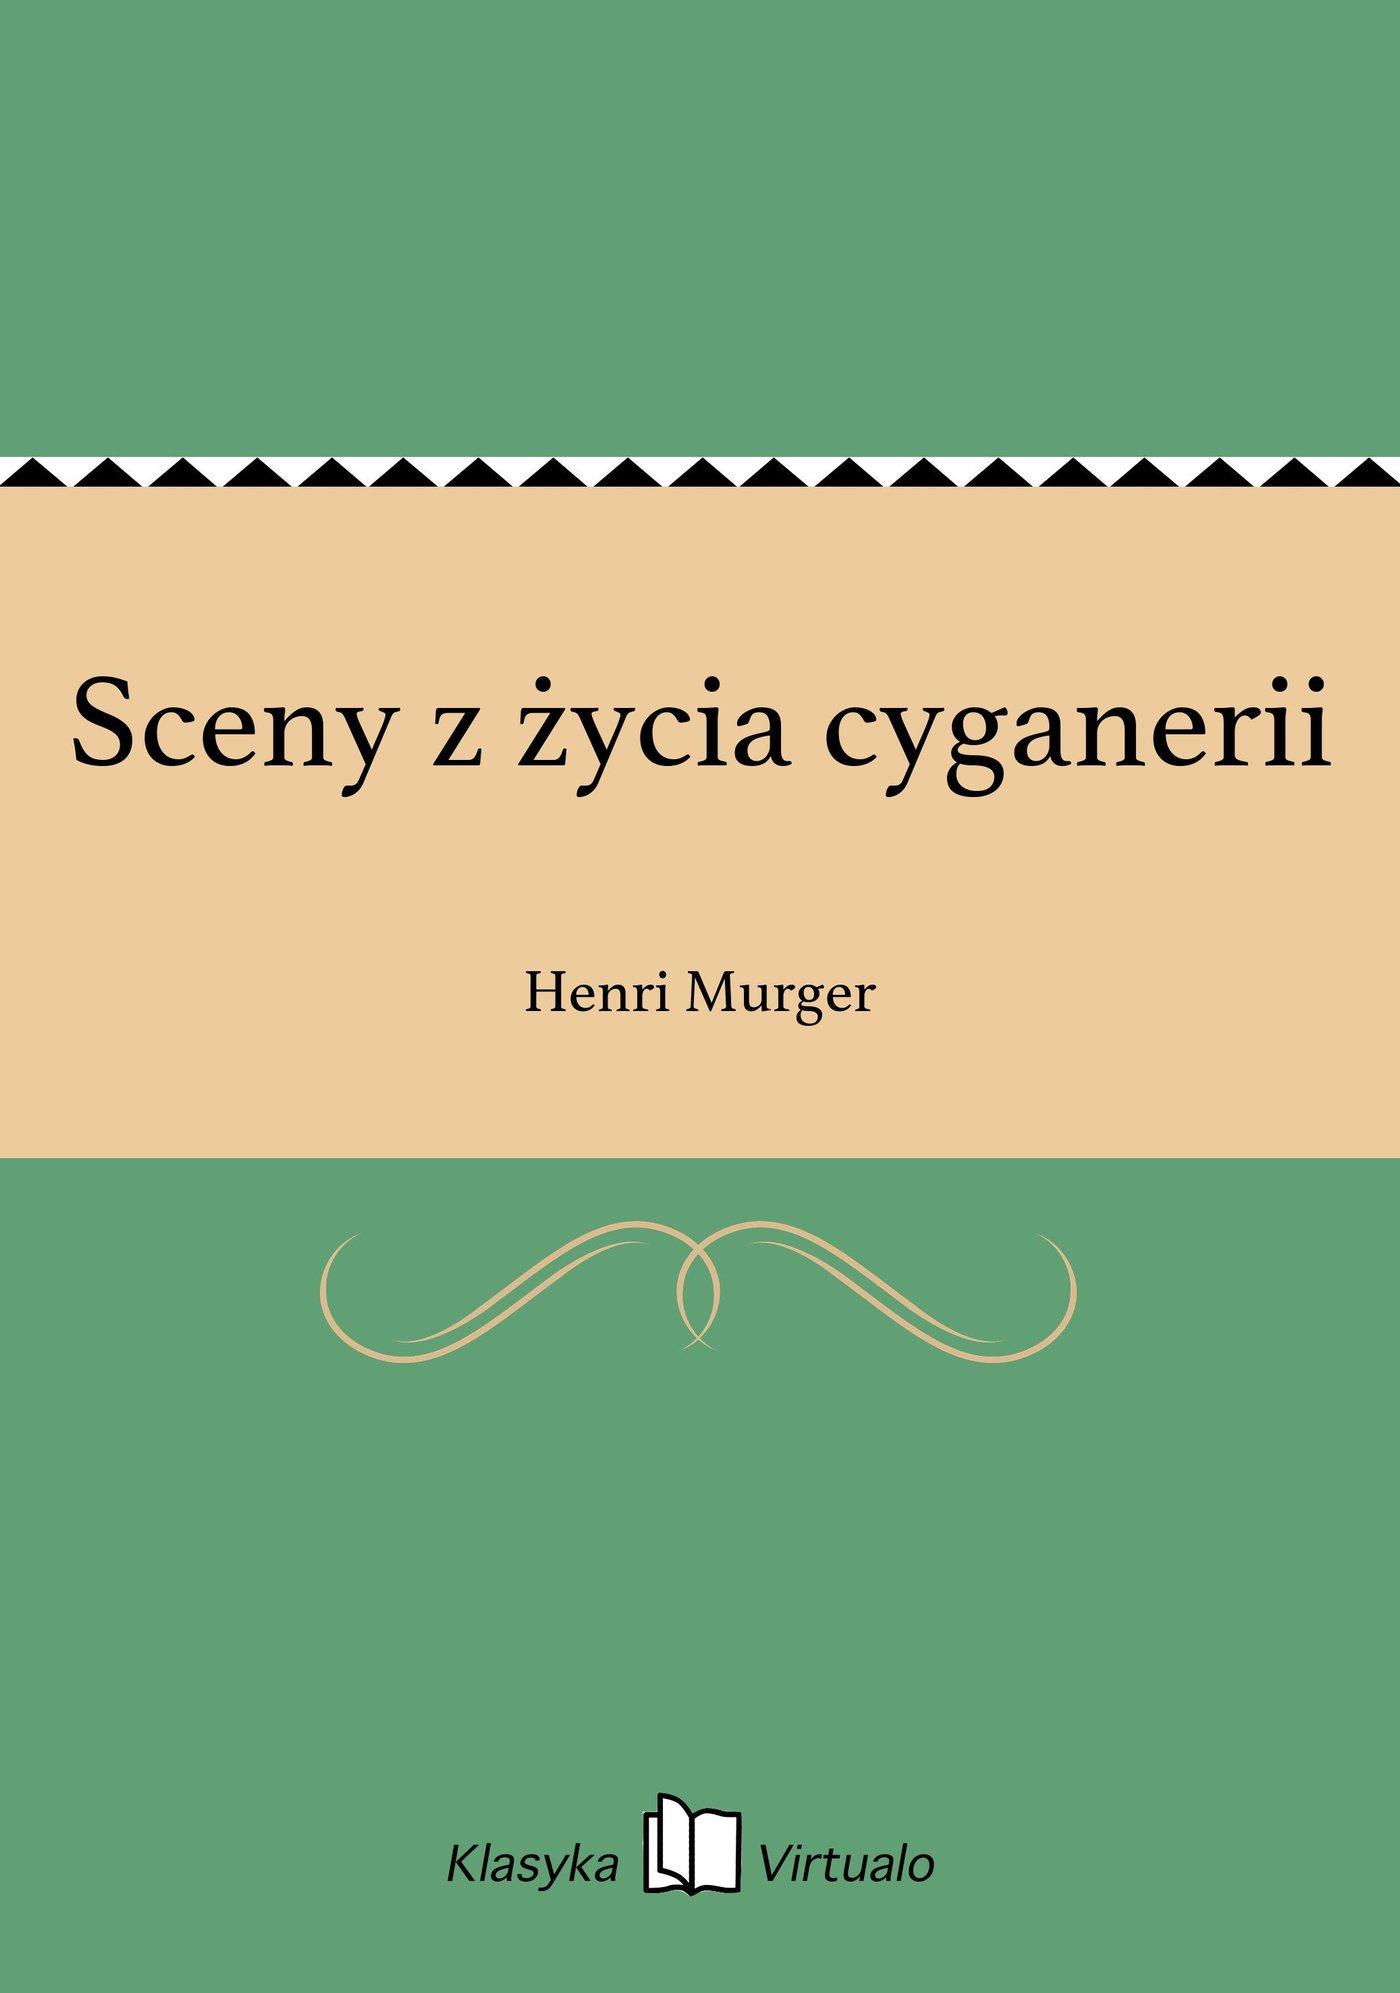 Sceny z życia cyganerii - Ebook (Książka EPUB) do pobrania w formacie EPUB